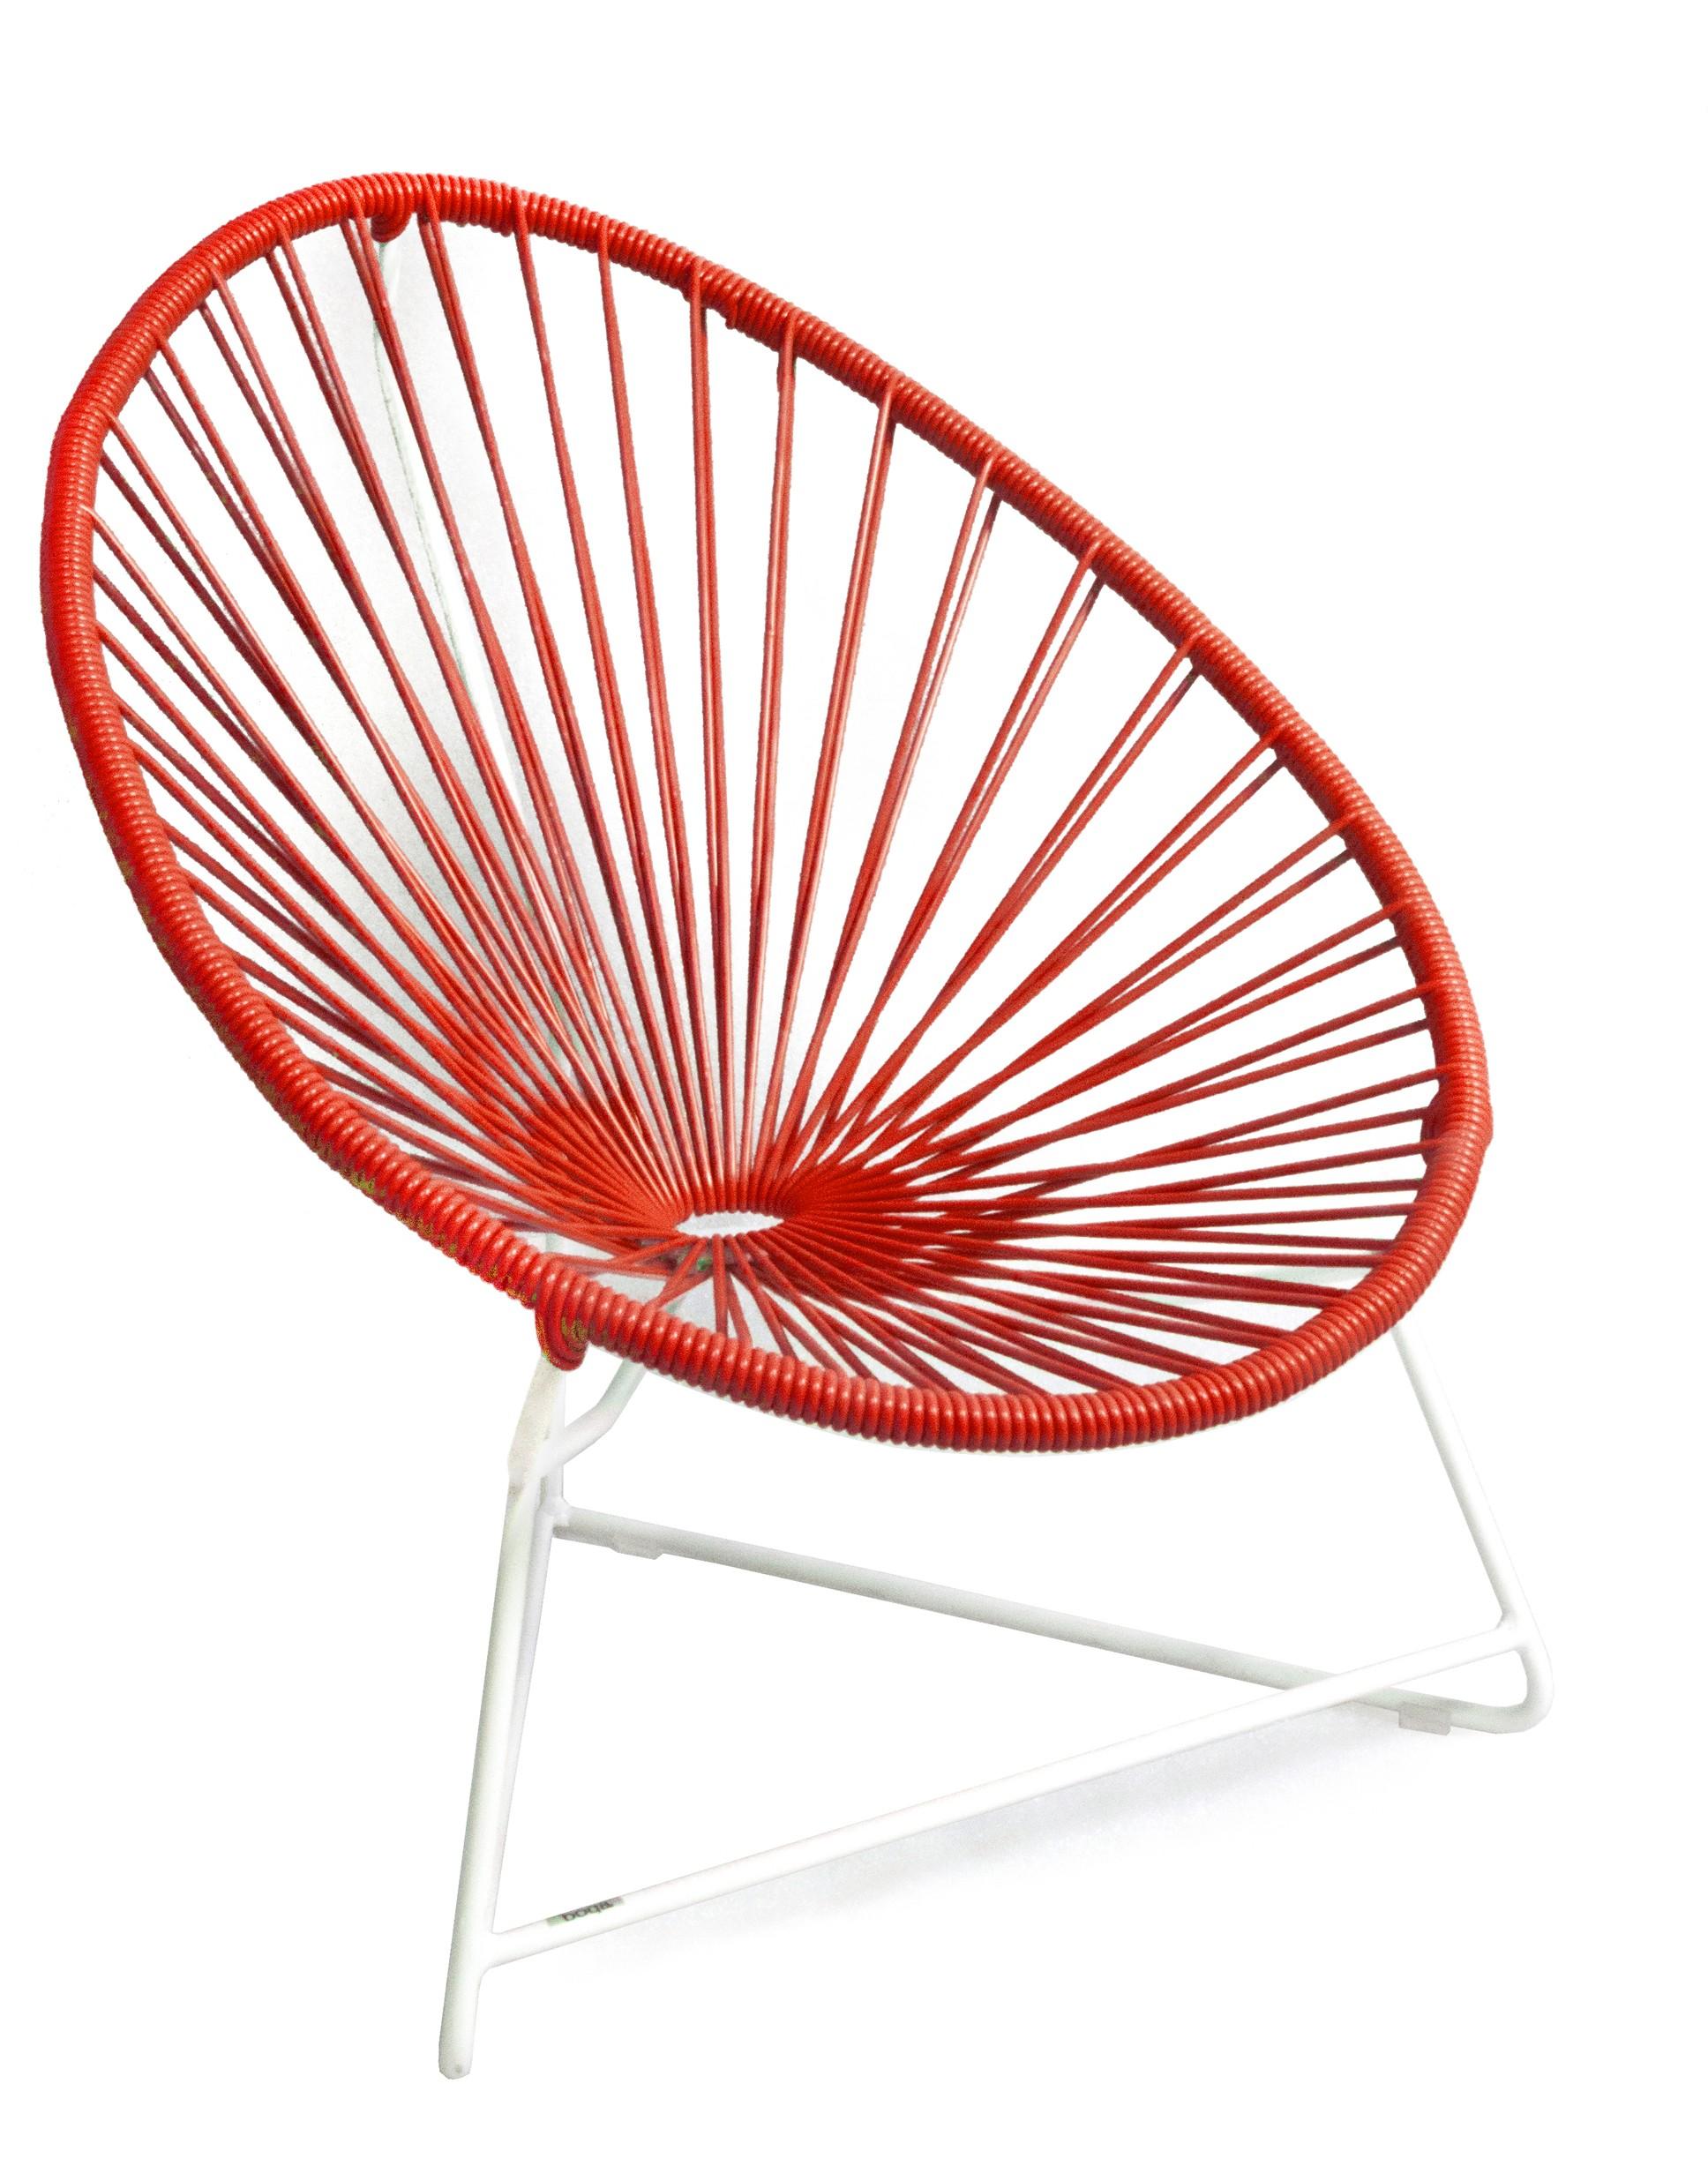 fauteuil acapulco enfant de boqa avec structure blanche rouge de mars. Black Bedroom Furniture Sets. Home Design Ideas